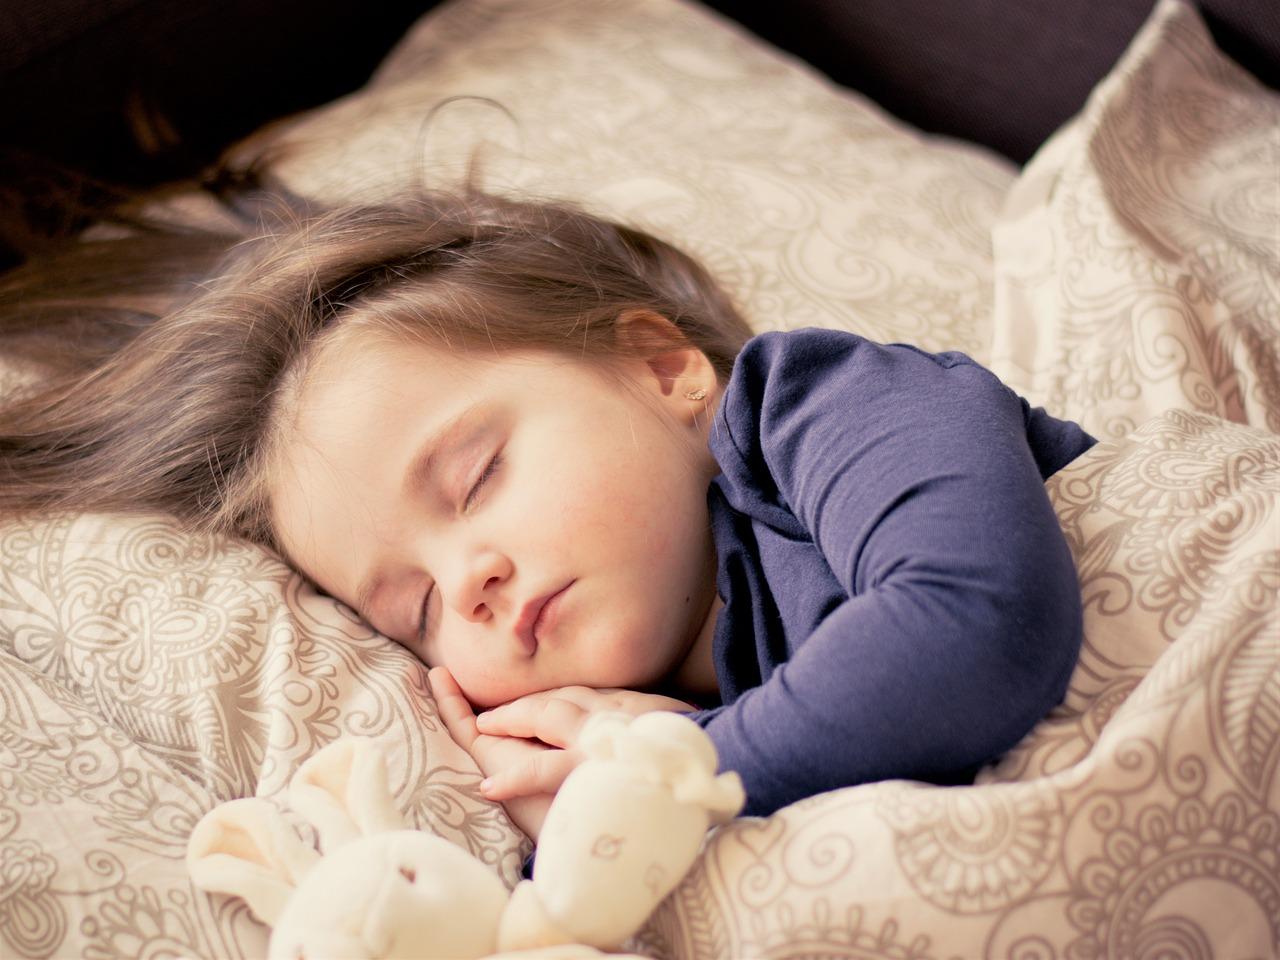 最新の研究で分かった寝不足のびっくりなデメリット4つ